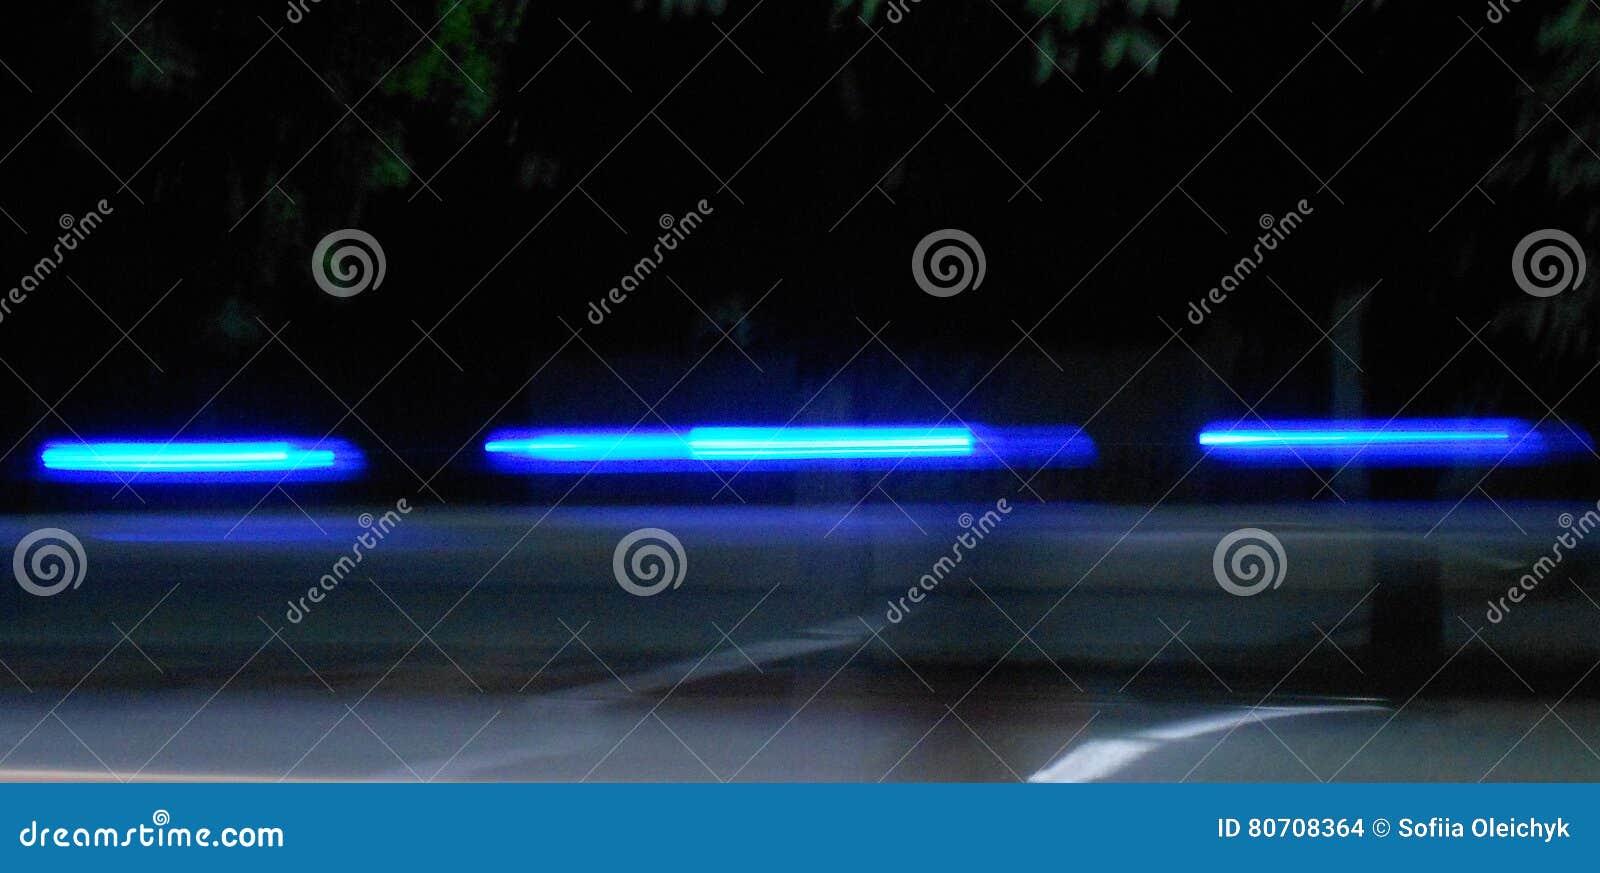 Αφηρημένα μπλε λωρίδες σε ένα μαύρο υπόβαθρο